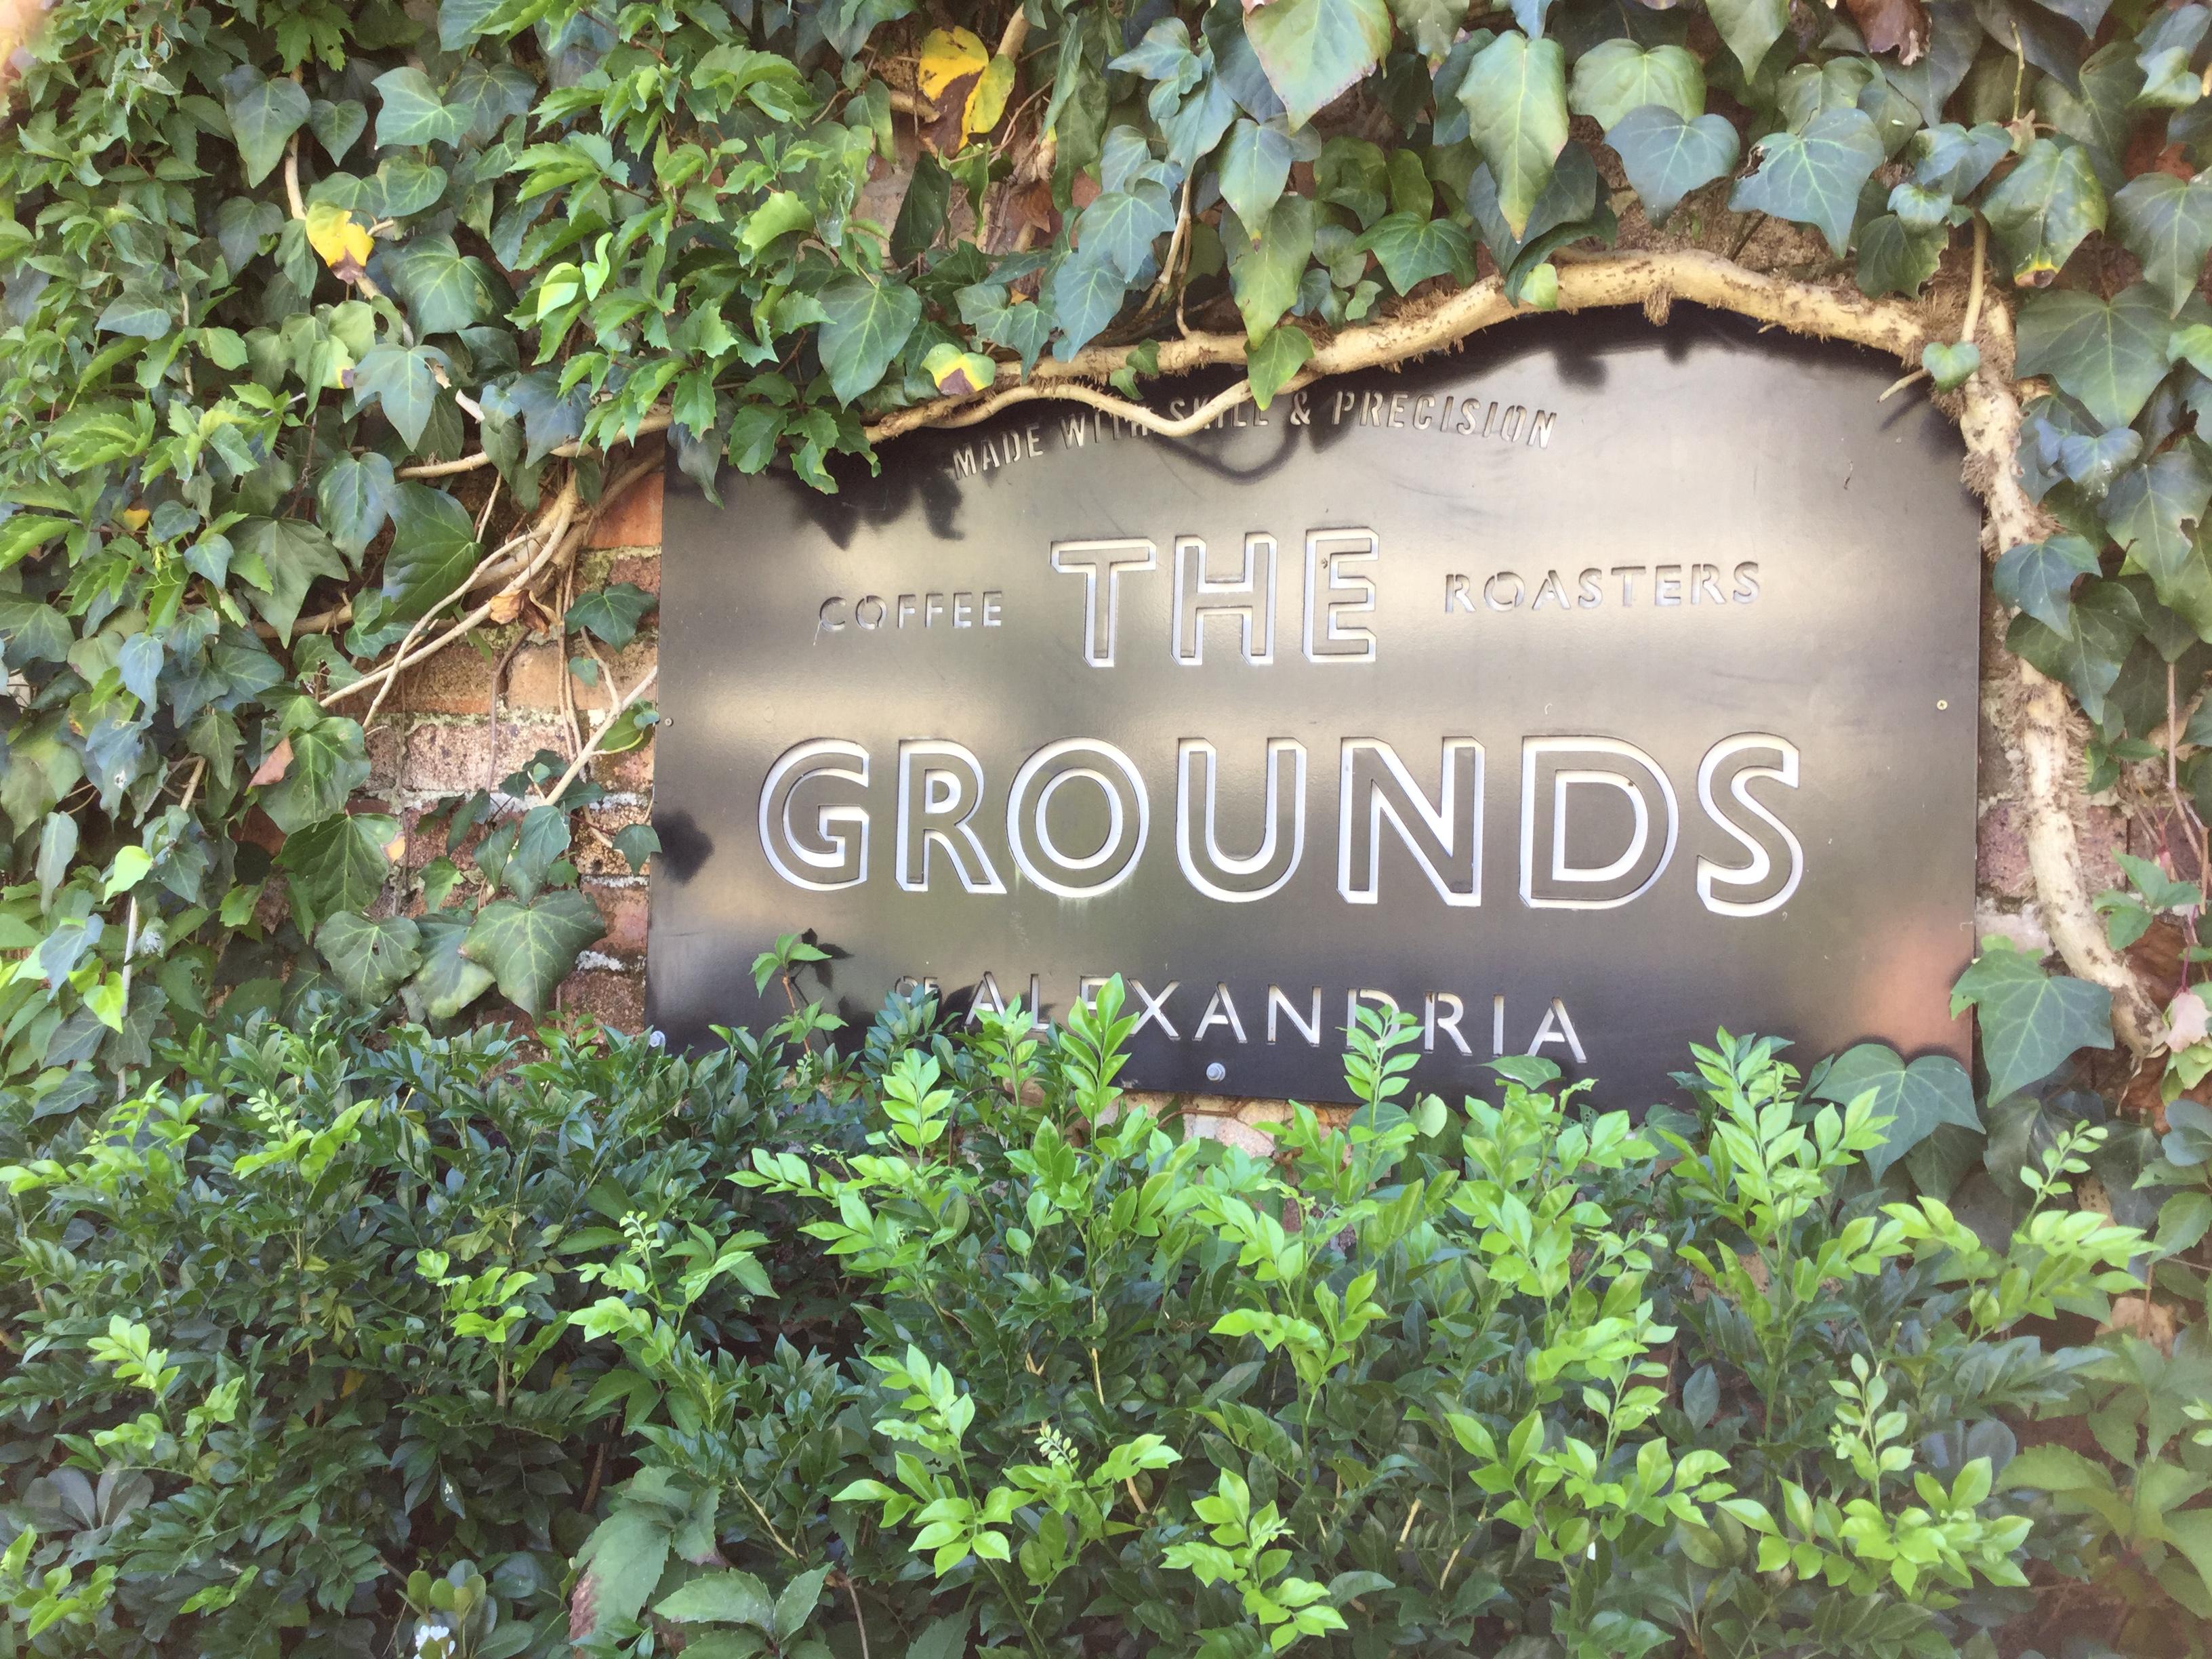 絶対一度は行って欲しいシドニーのおしゃれカフェレストラン『THE GROUNDS』